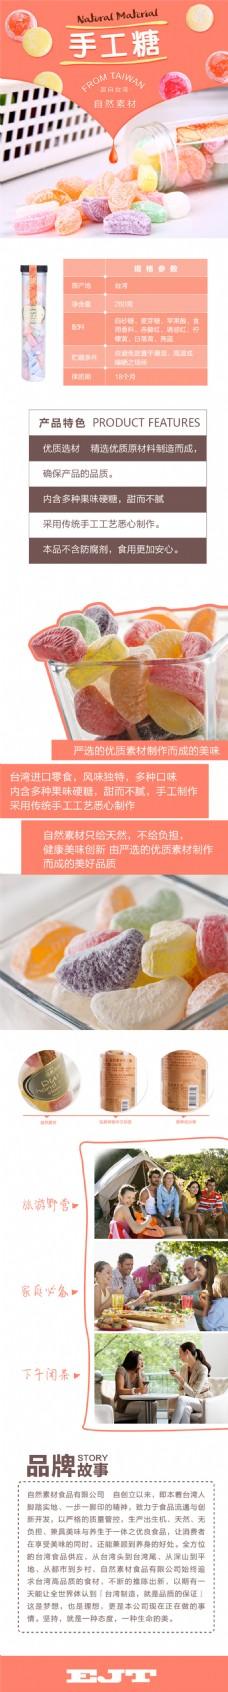 电商淘宝零食软糖美食食品详情页宝贝描述